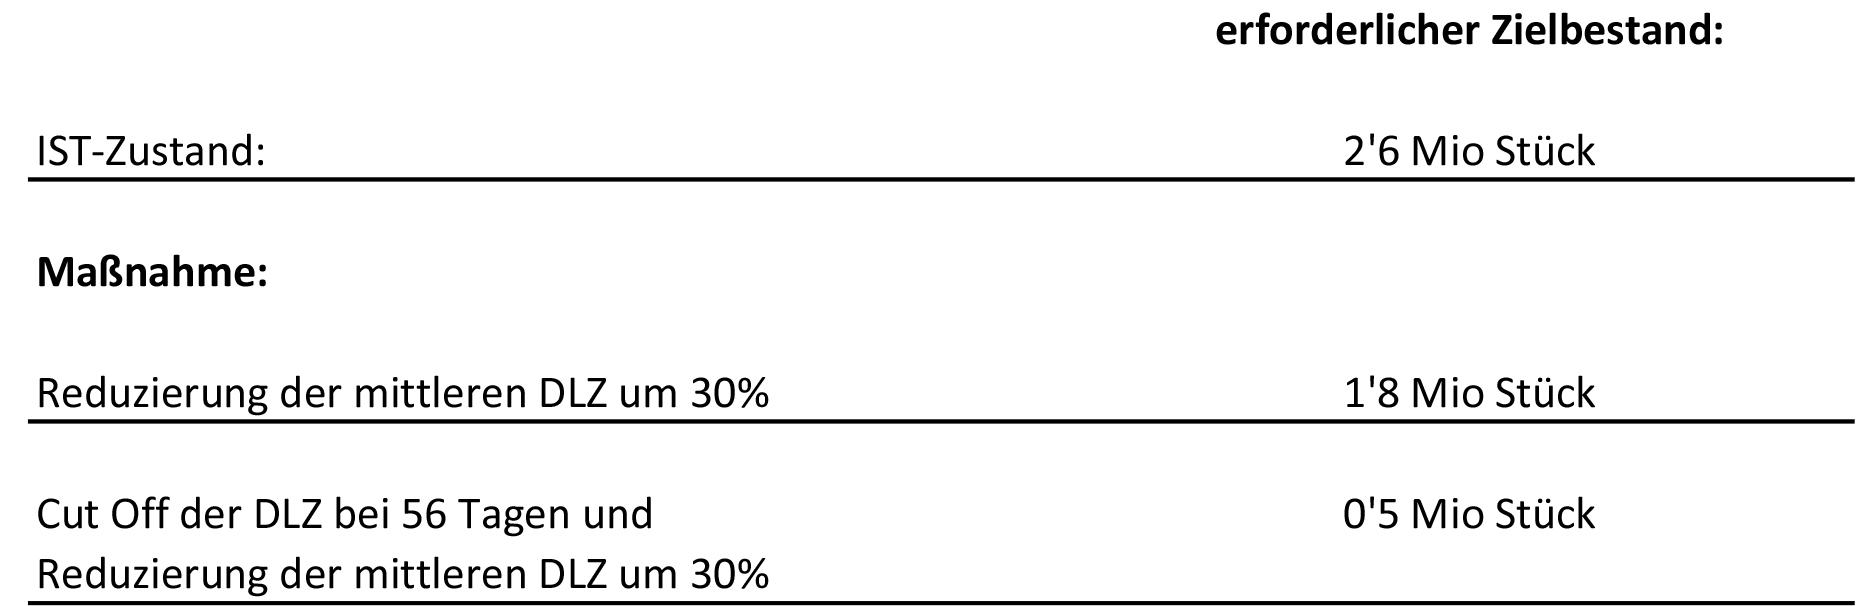 Abbildung 2: Gegenüberstellung der Maßnahmen und Bestandsreduzierung